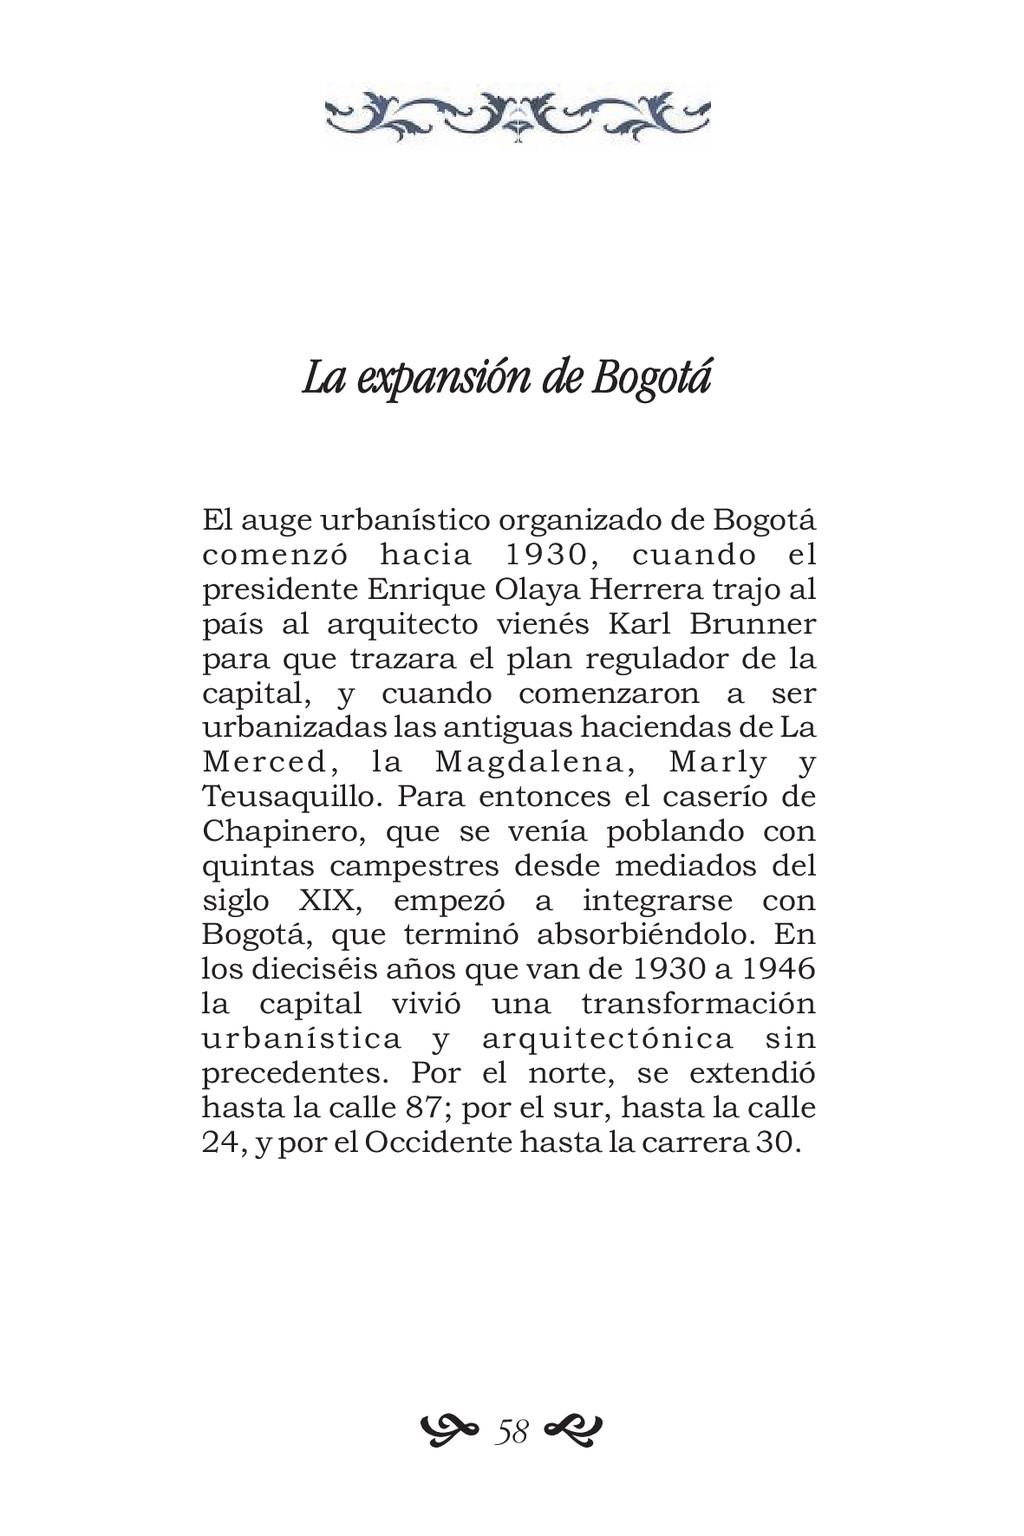 La expansión de Bogotá El auge urbanístico orga...